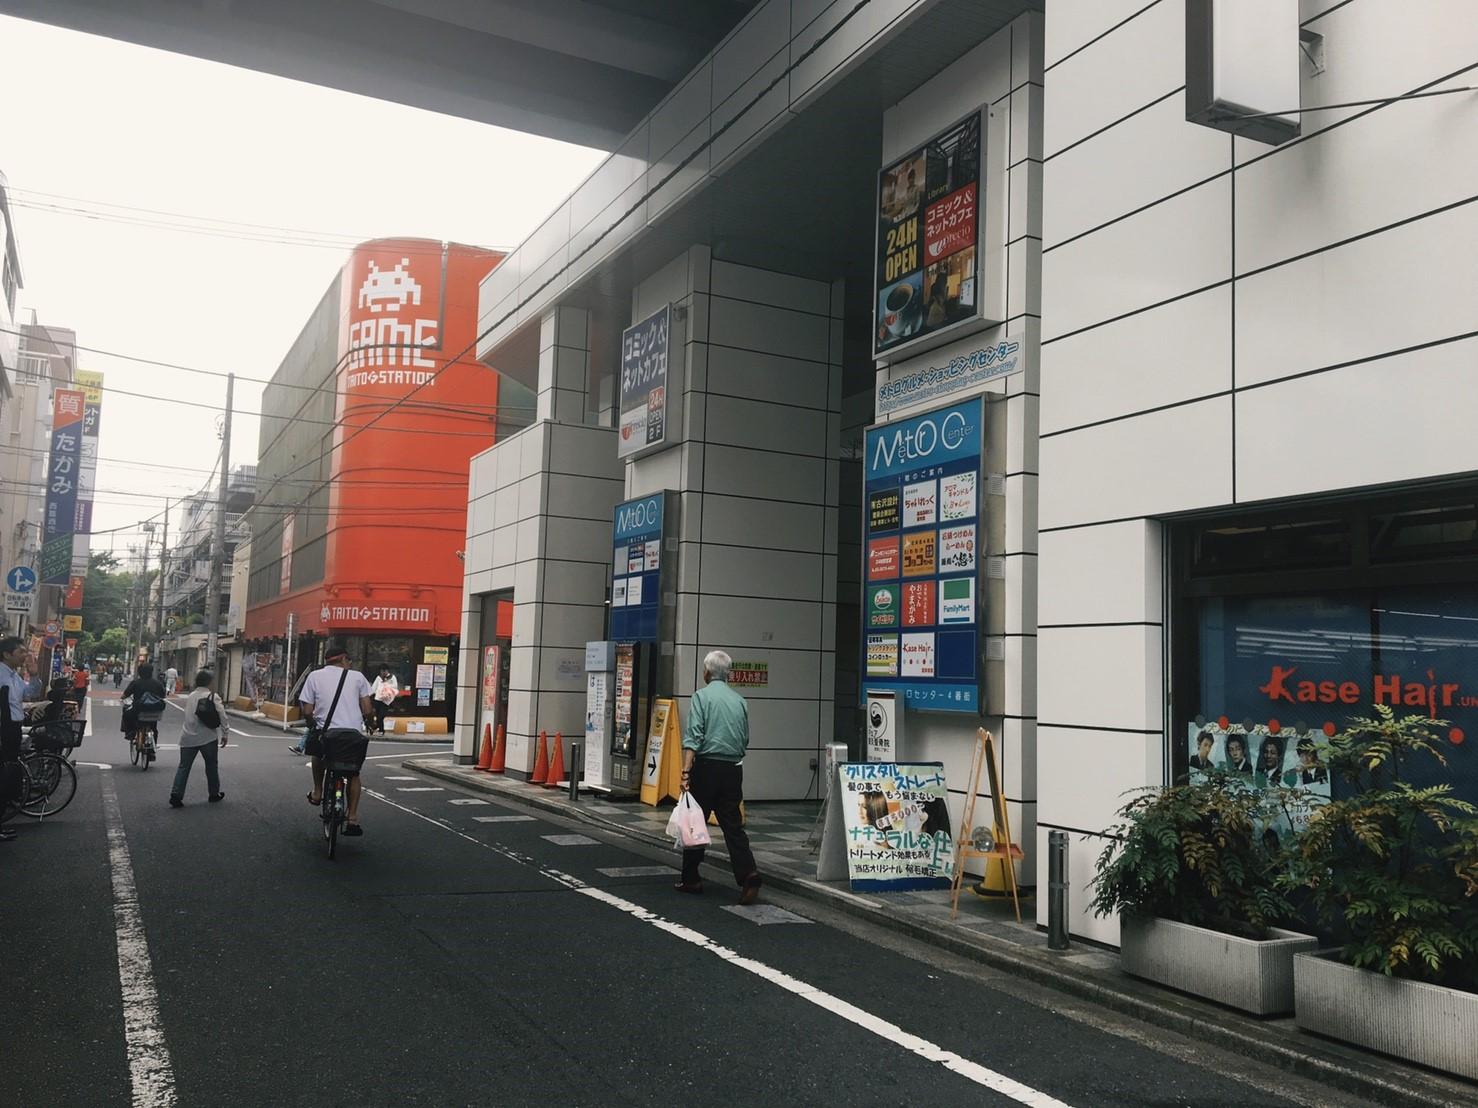 娯楽施設が多い街並み